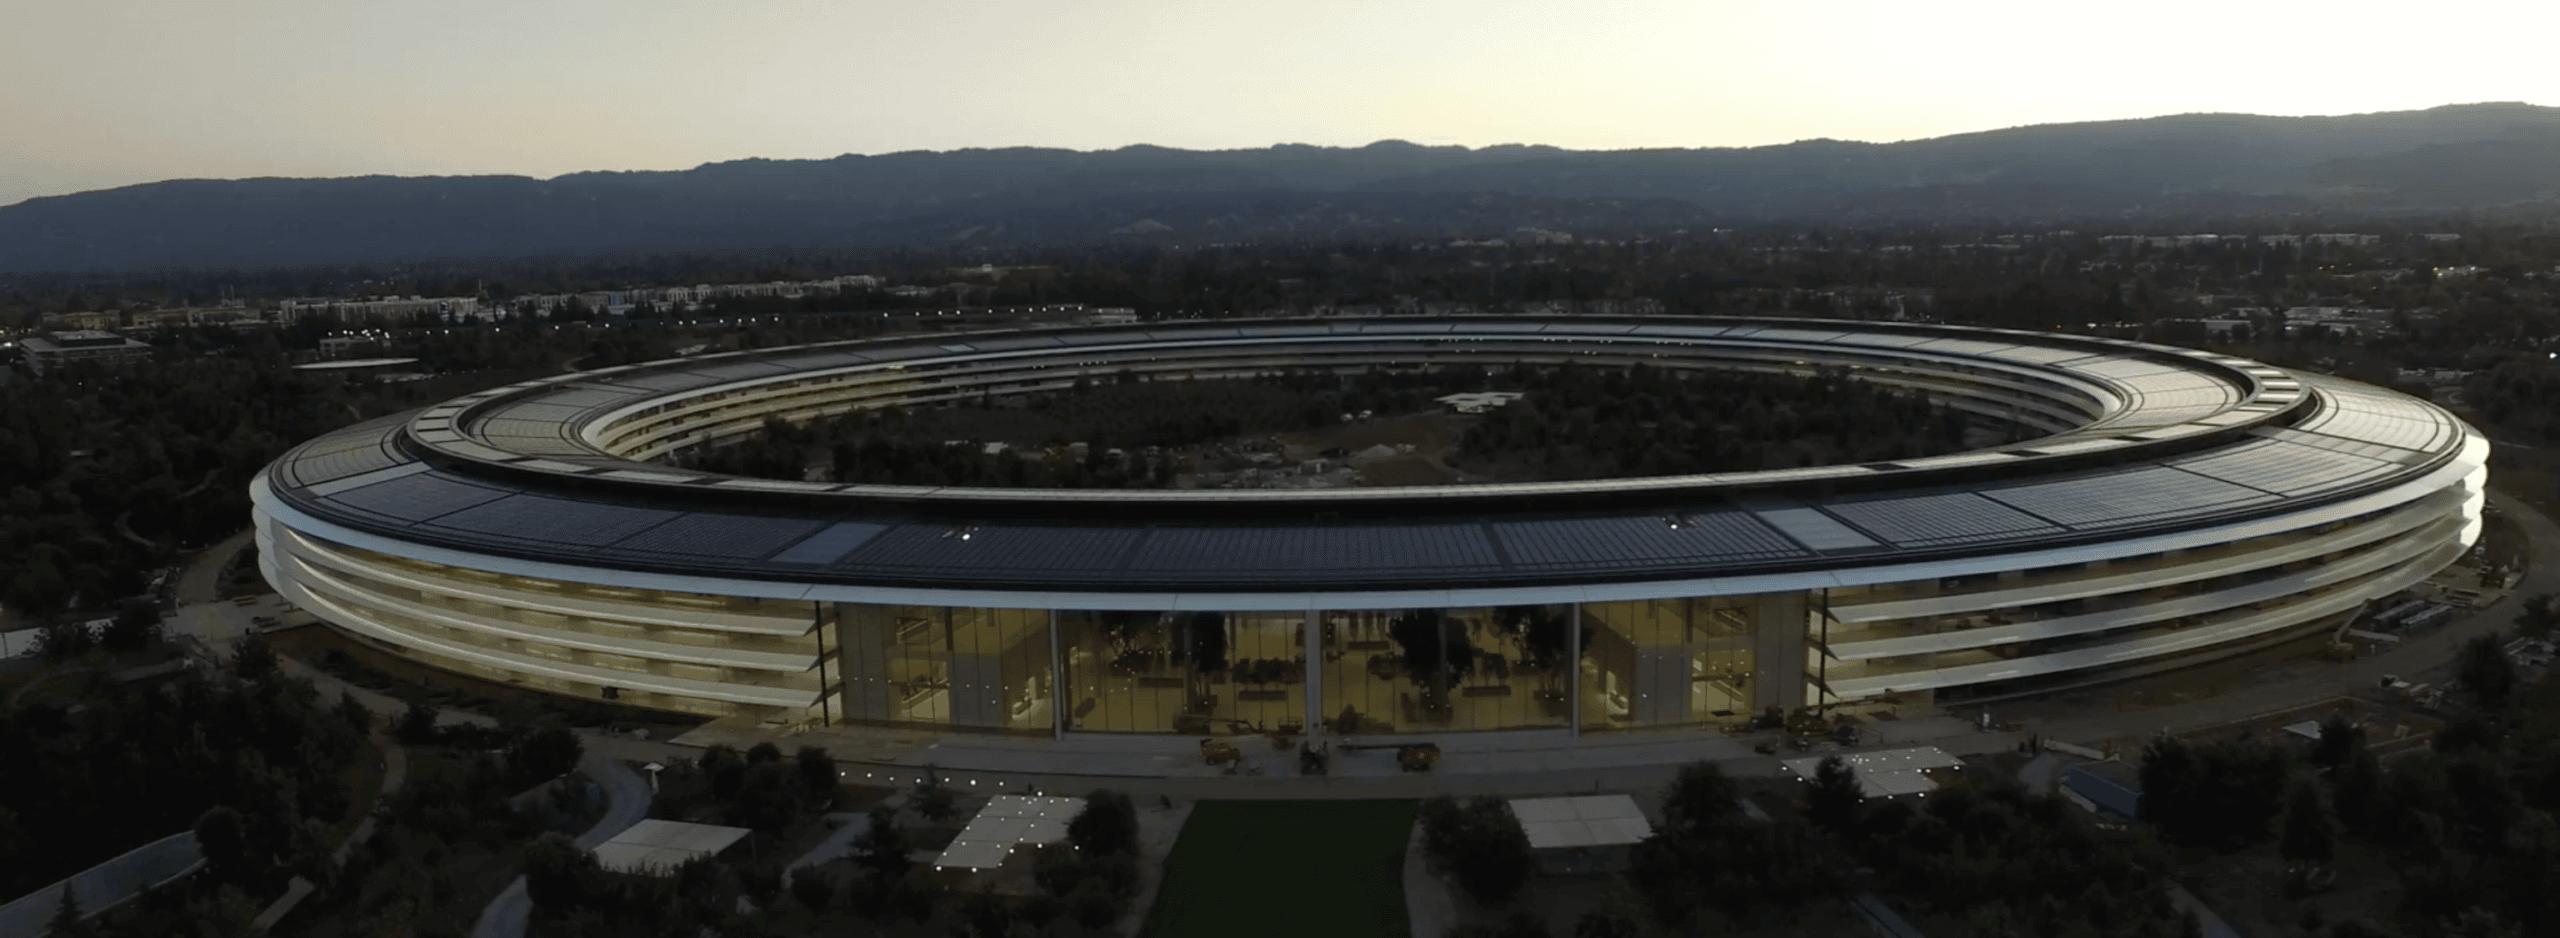 Nach iPhone-Klatsche: Apple tritt bei Neueinstellungen auf die Bremse